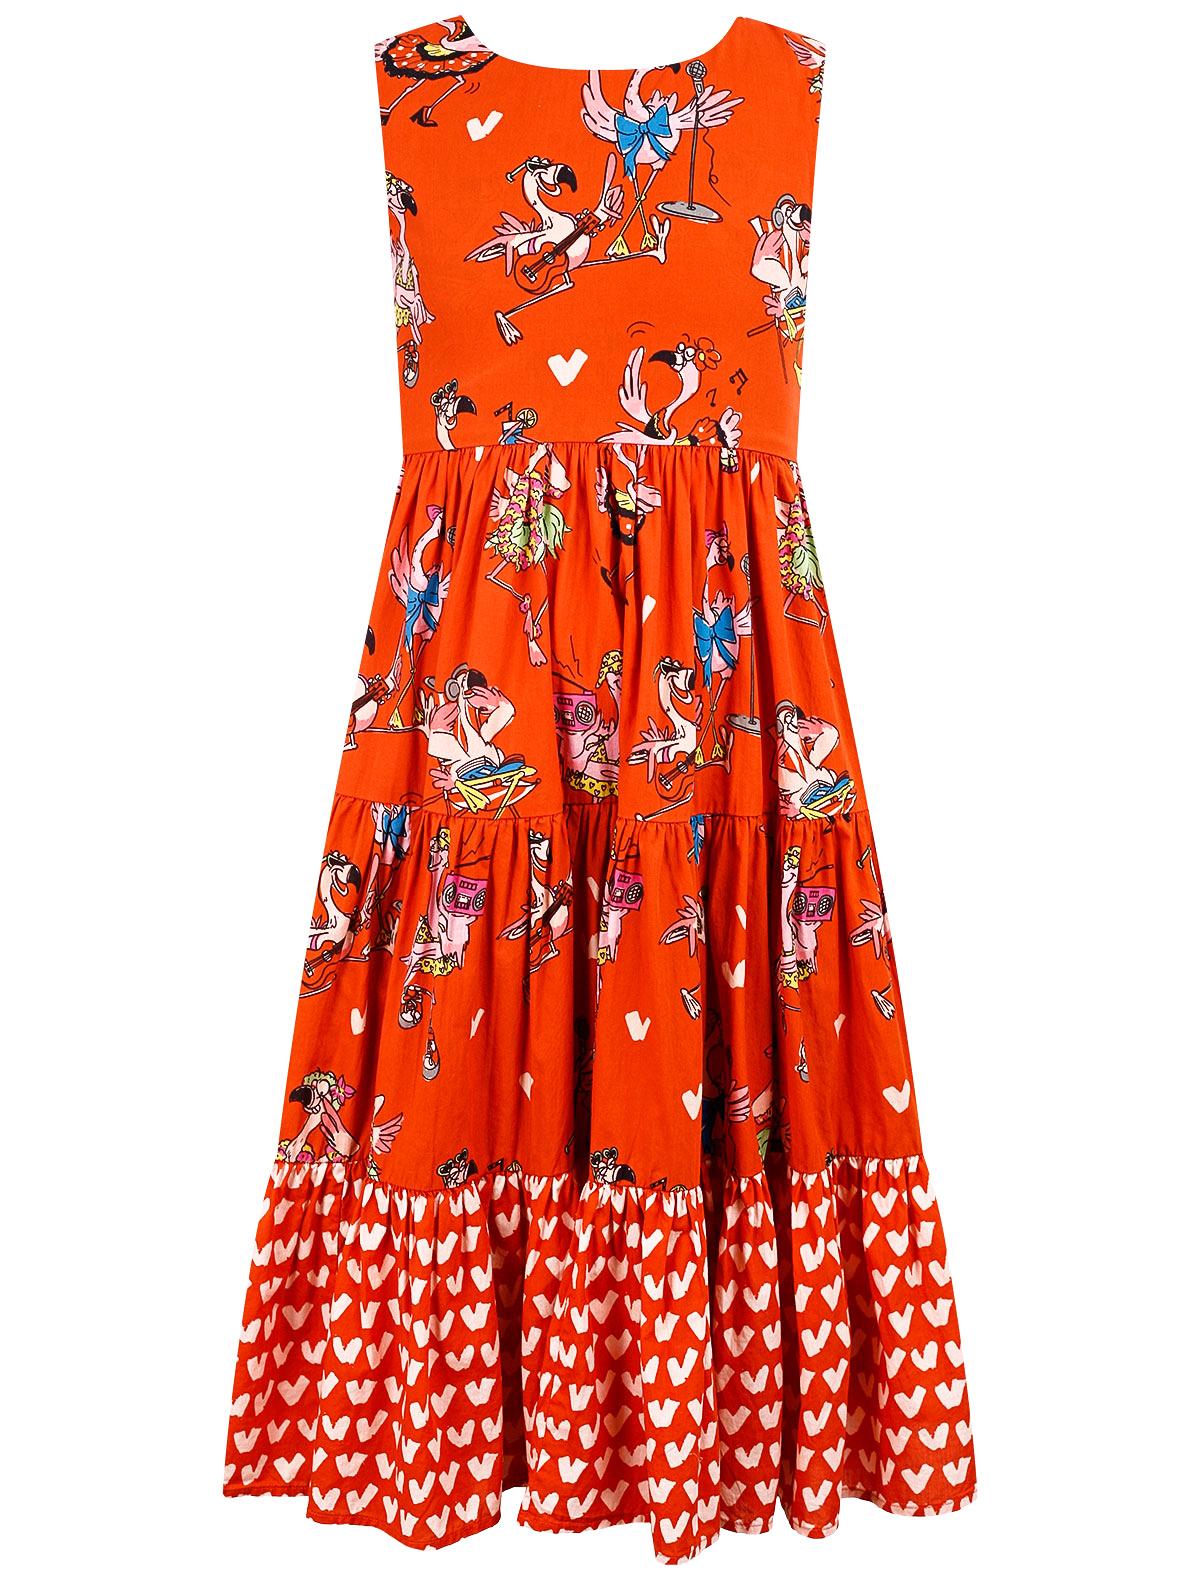 Купить 2280081, Платье Stella McCartney, красный, Женский, 1054509173184